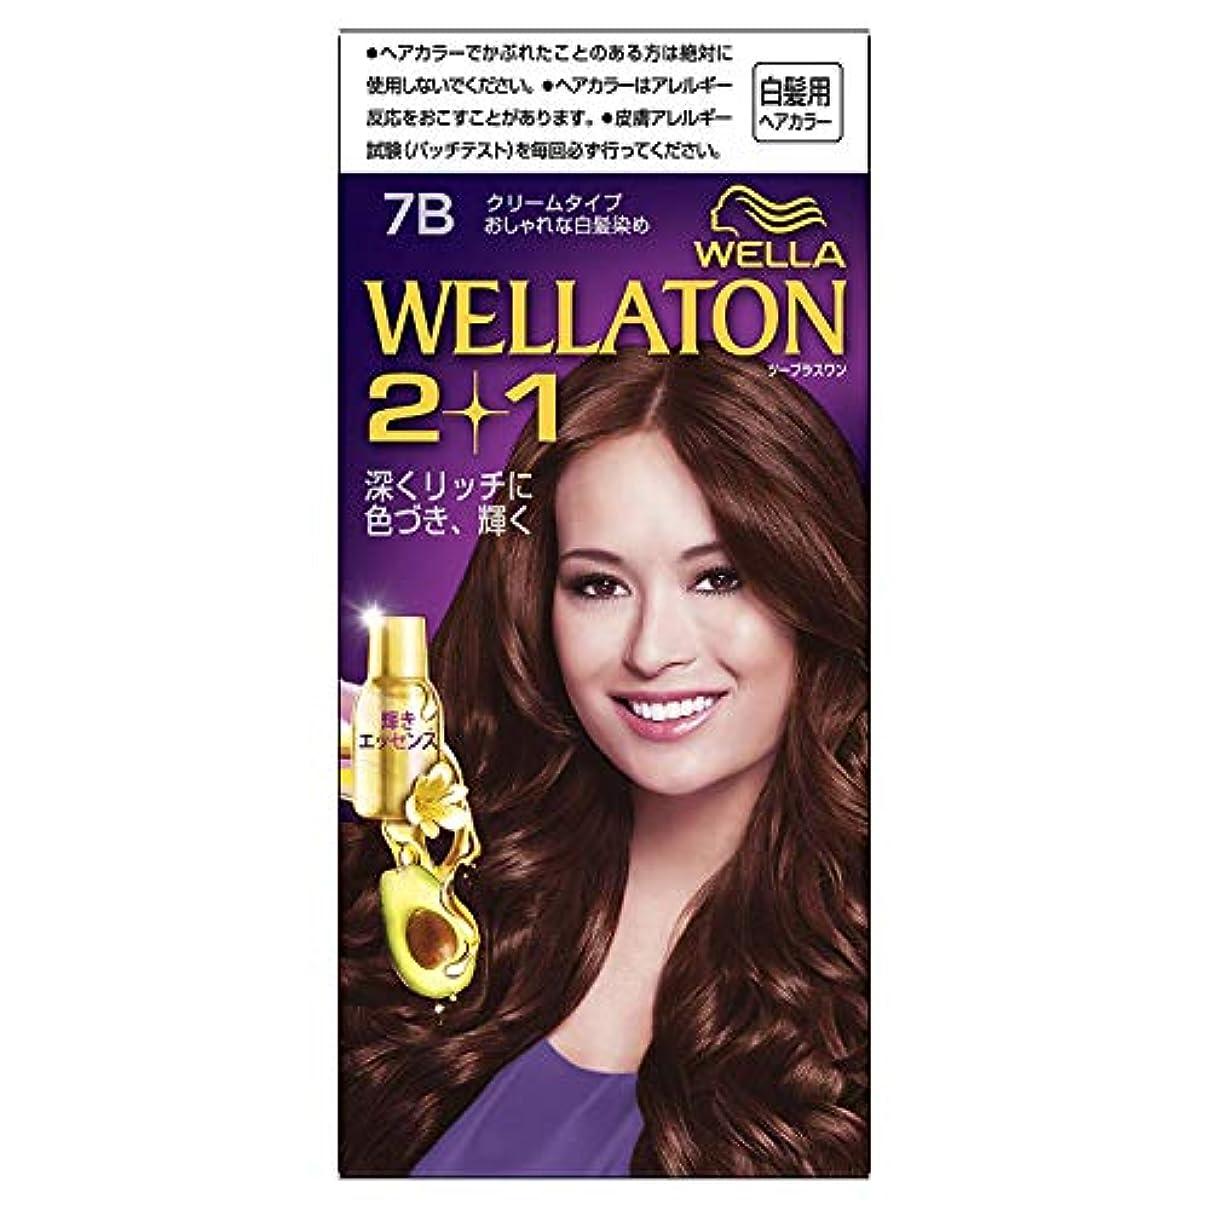 オペレーター規模致死ウエラトーン2+1 白髪染め クリームタイプ 7B [医薬部外品]×6個